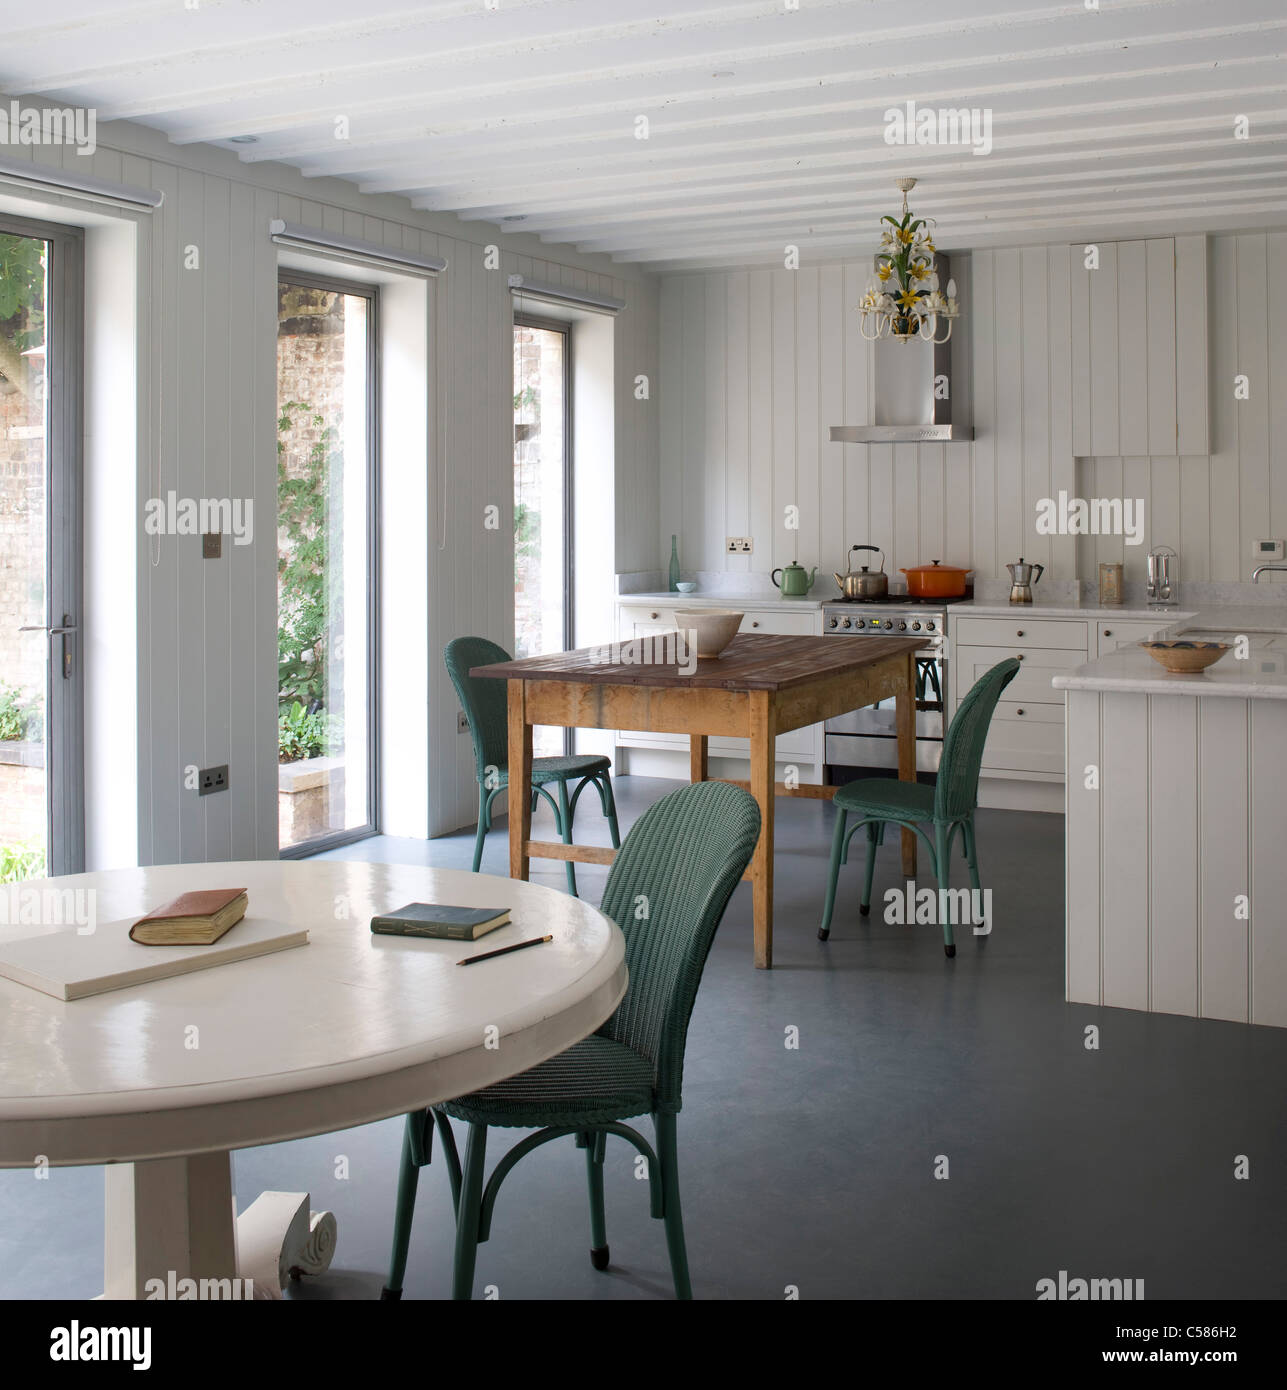 Küche Esszimmer Mit Weiß Lackiertem Sockel Tisch Ein Holz Getäfelten Wände